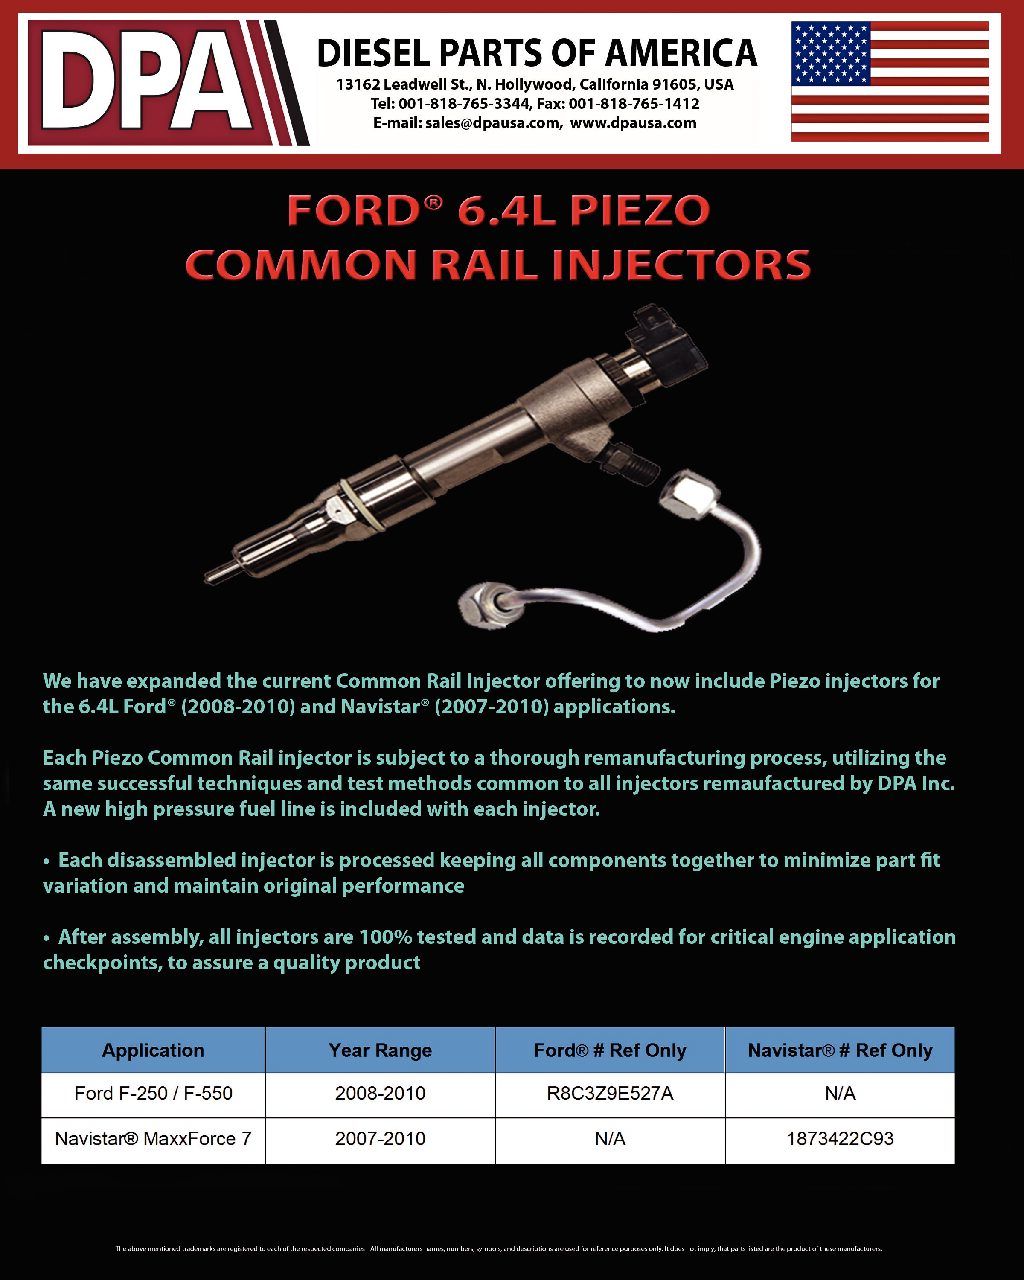 dpa_common_rail_ford_6_4l_piezo-pdf.jpg